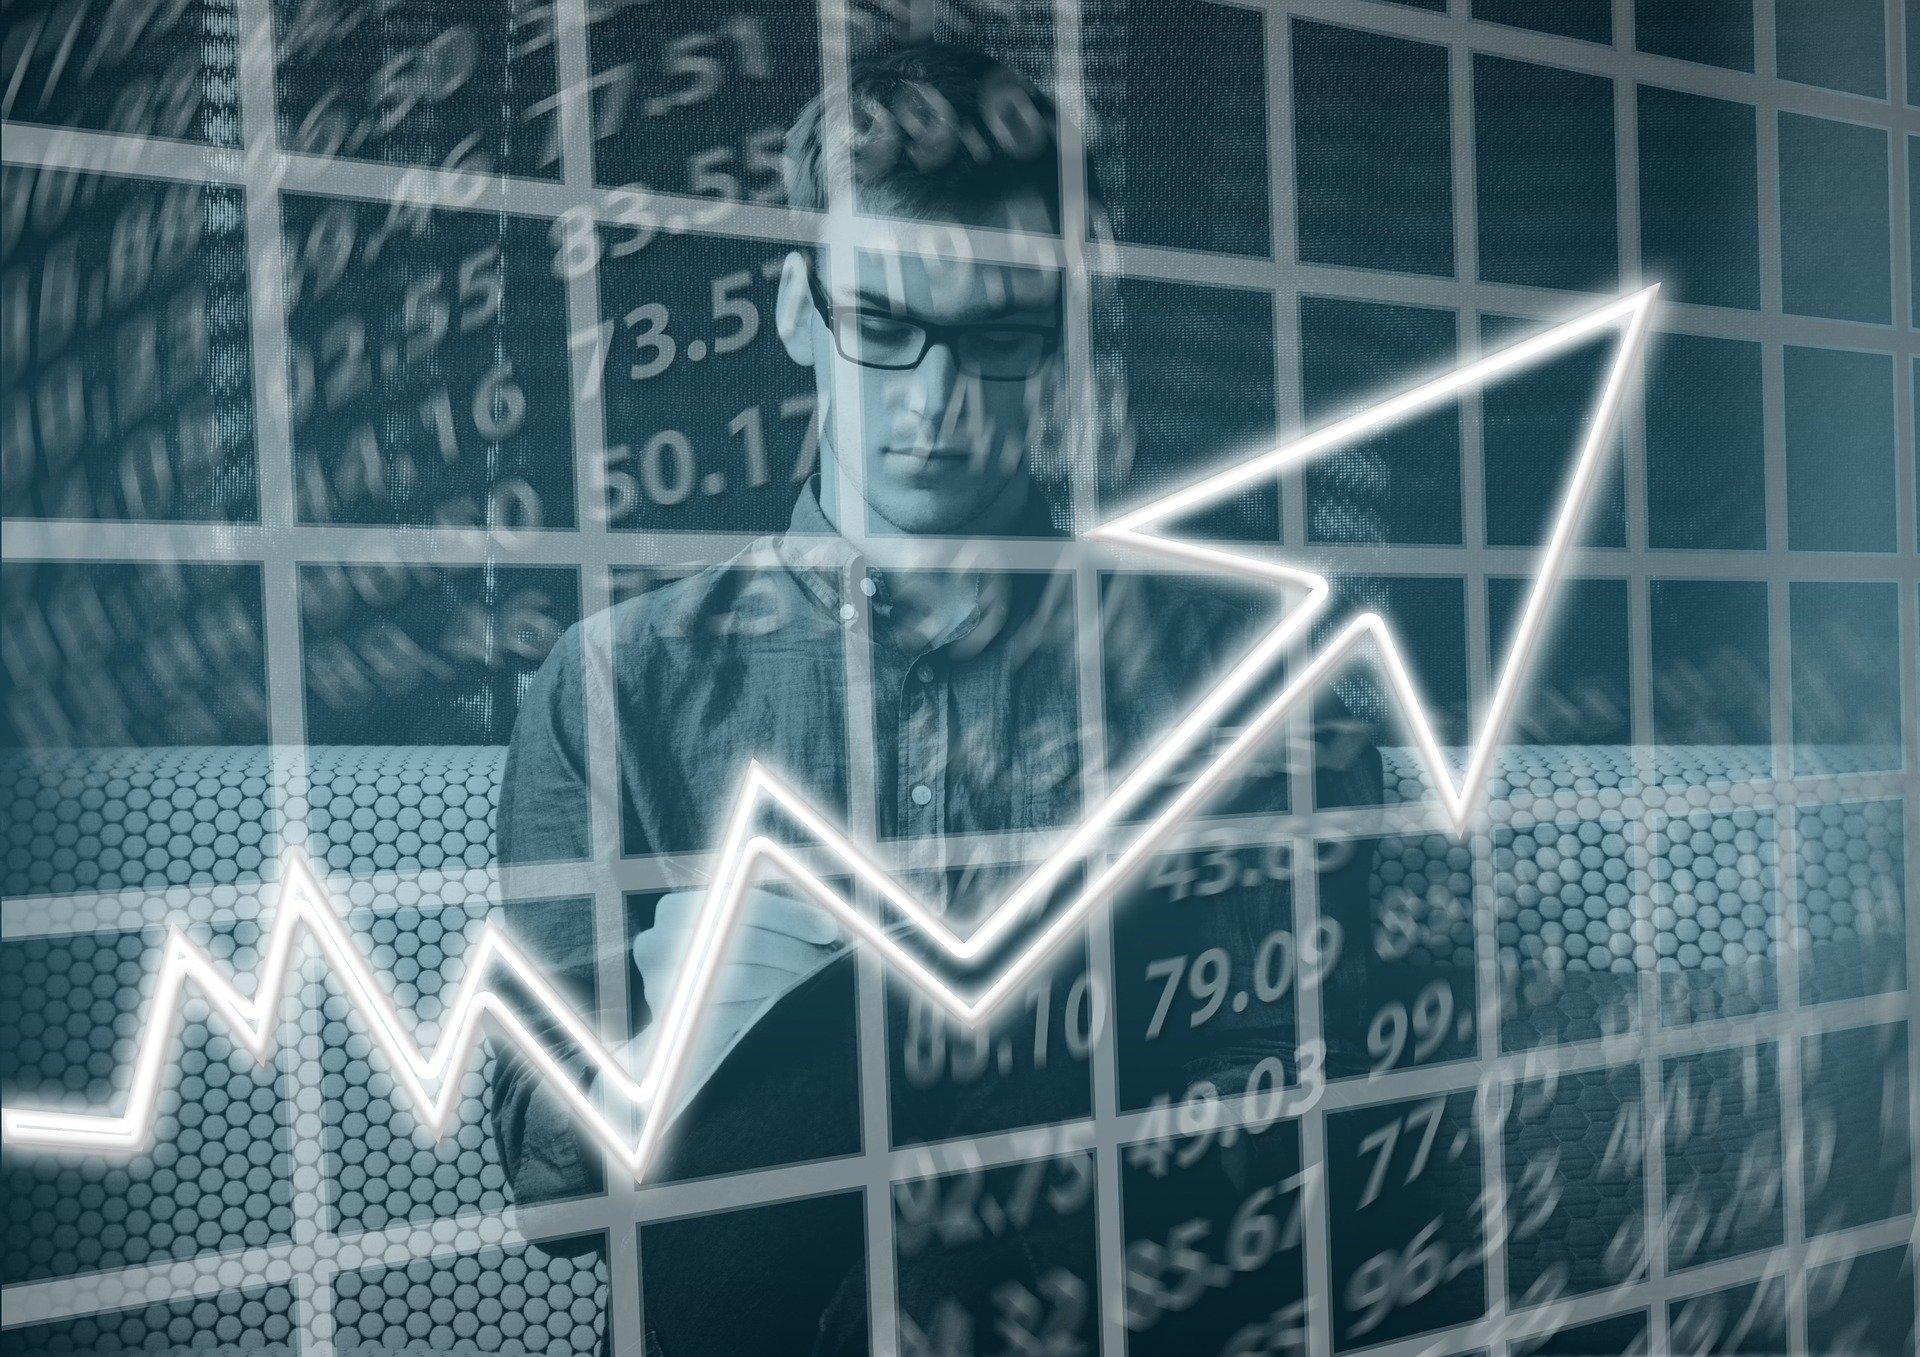 نصائح هامة لنجاح التجارة الإلكترونية الخاصة بك